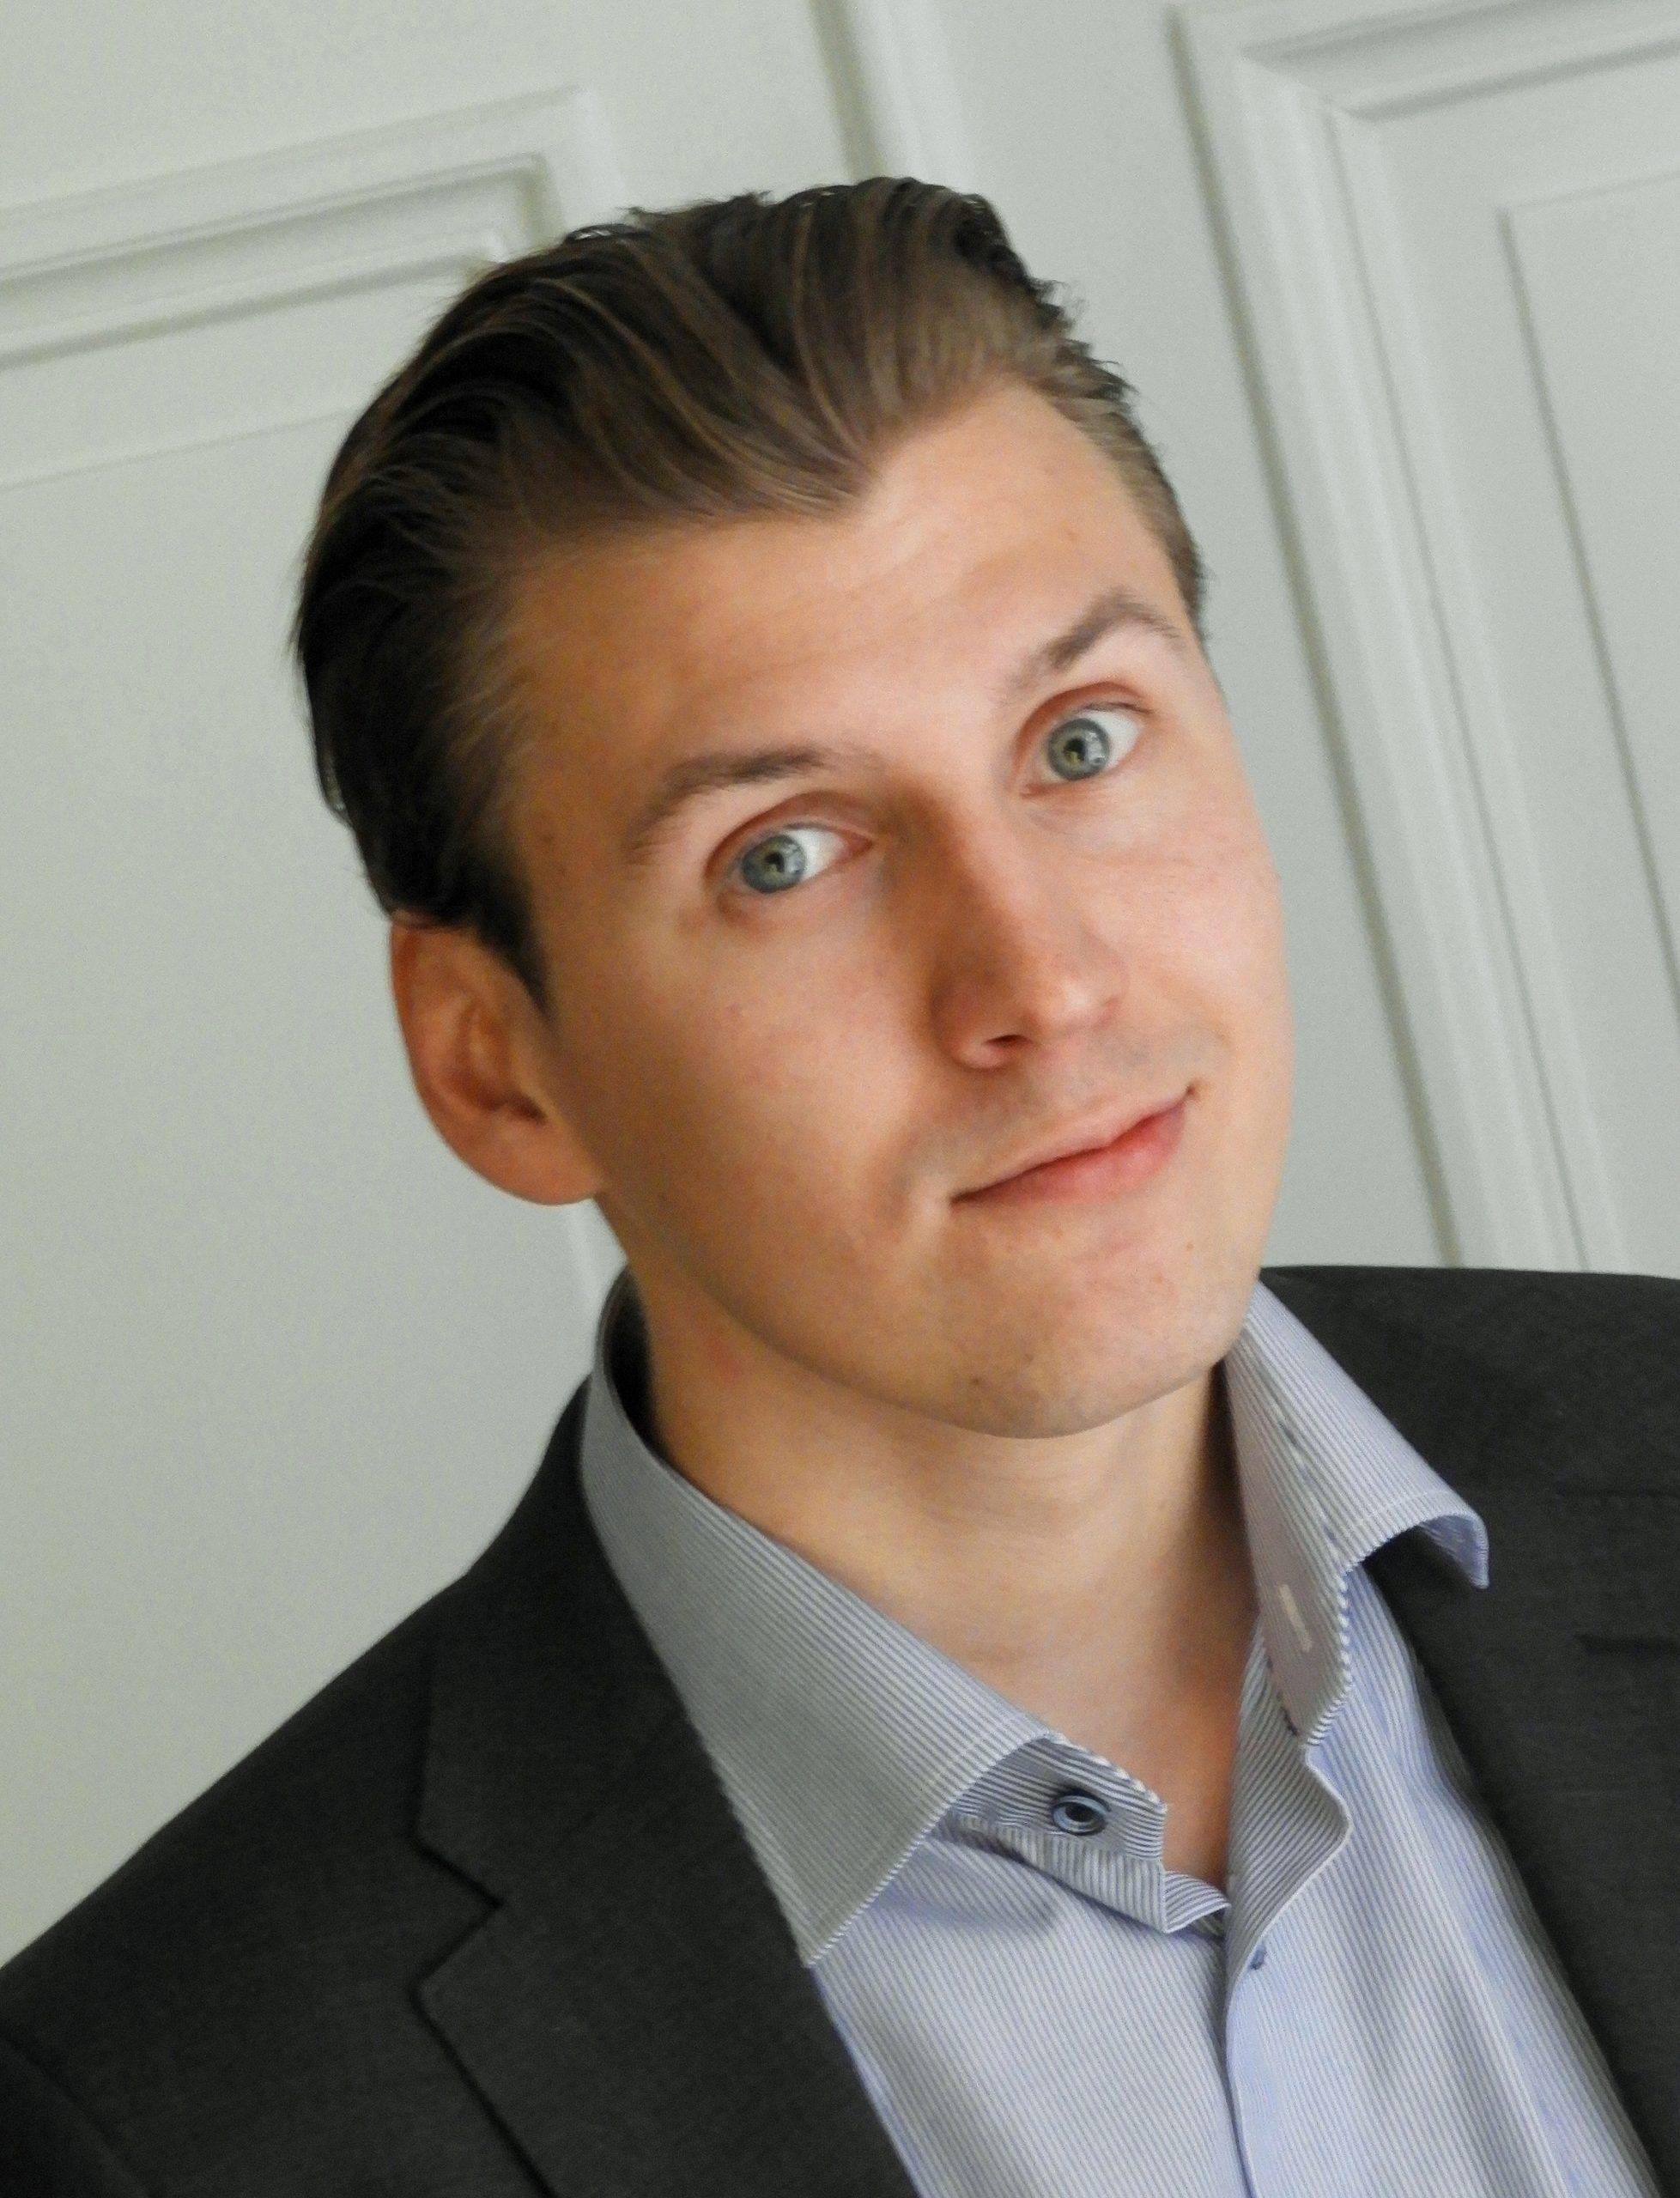 Axel Harju